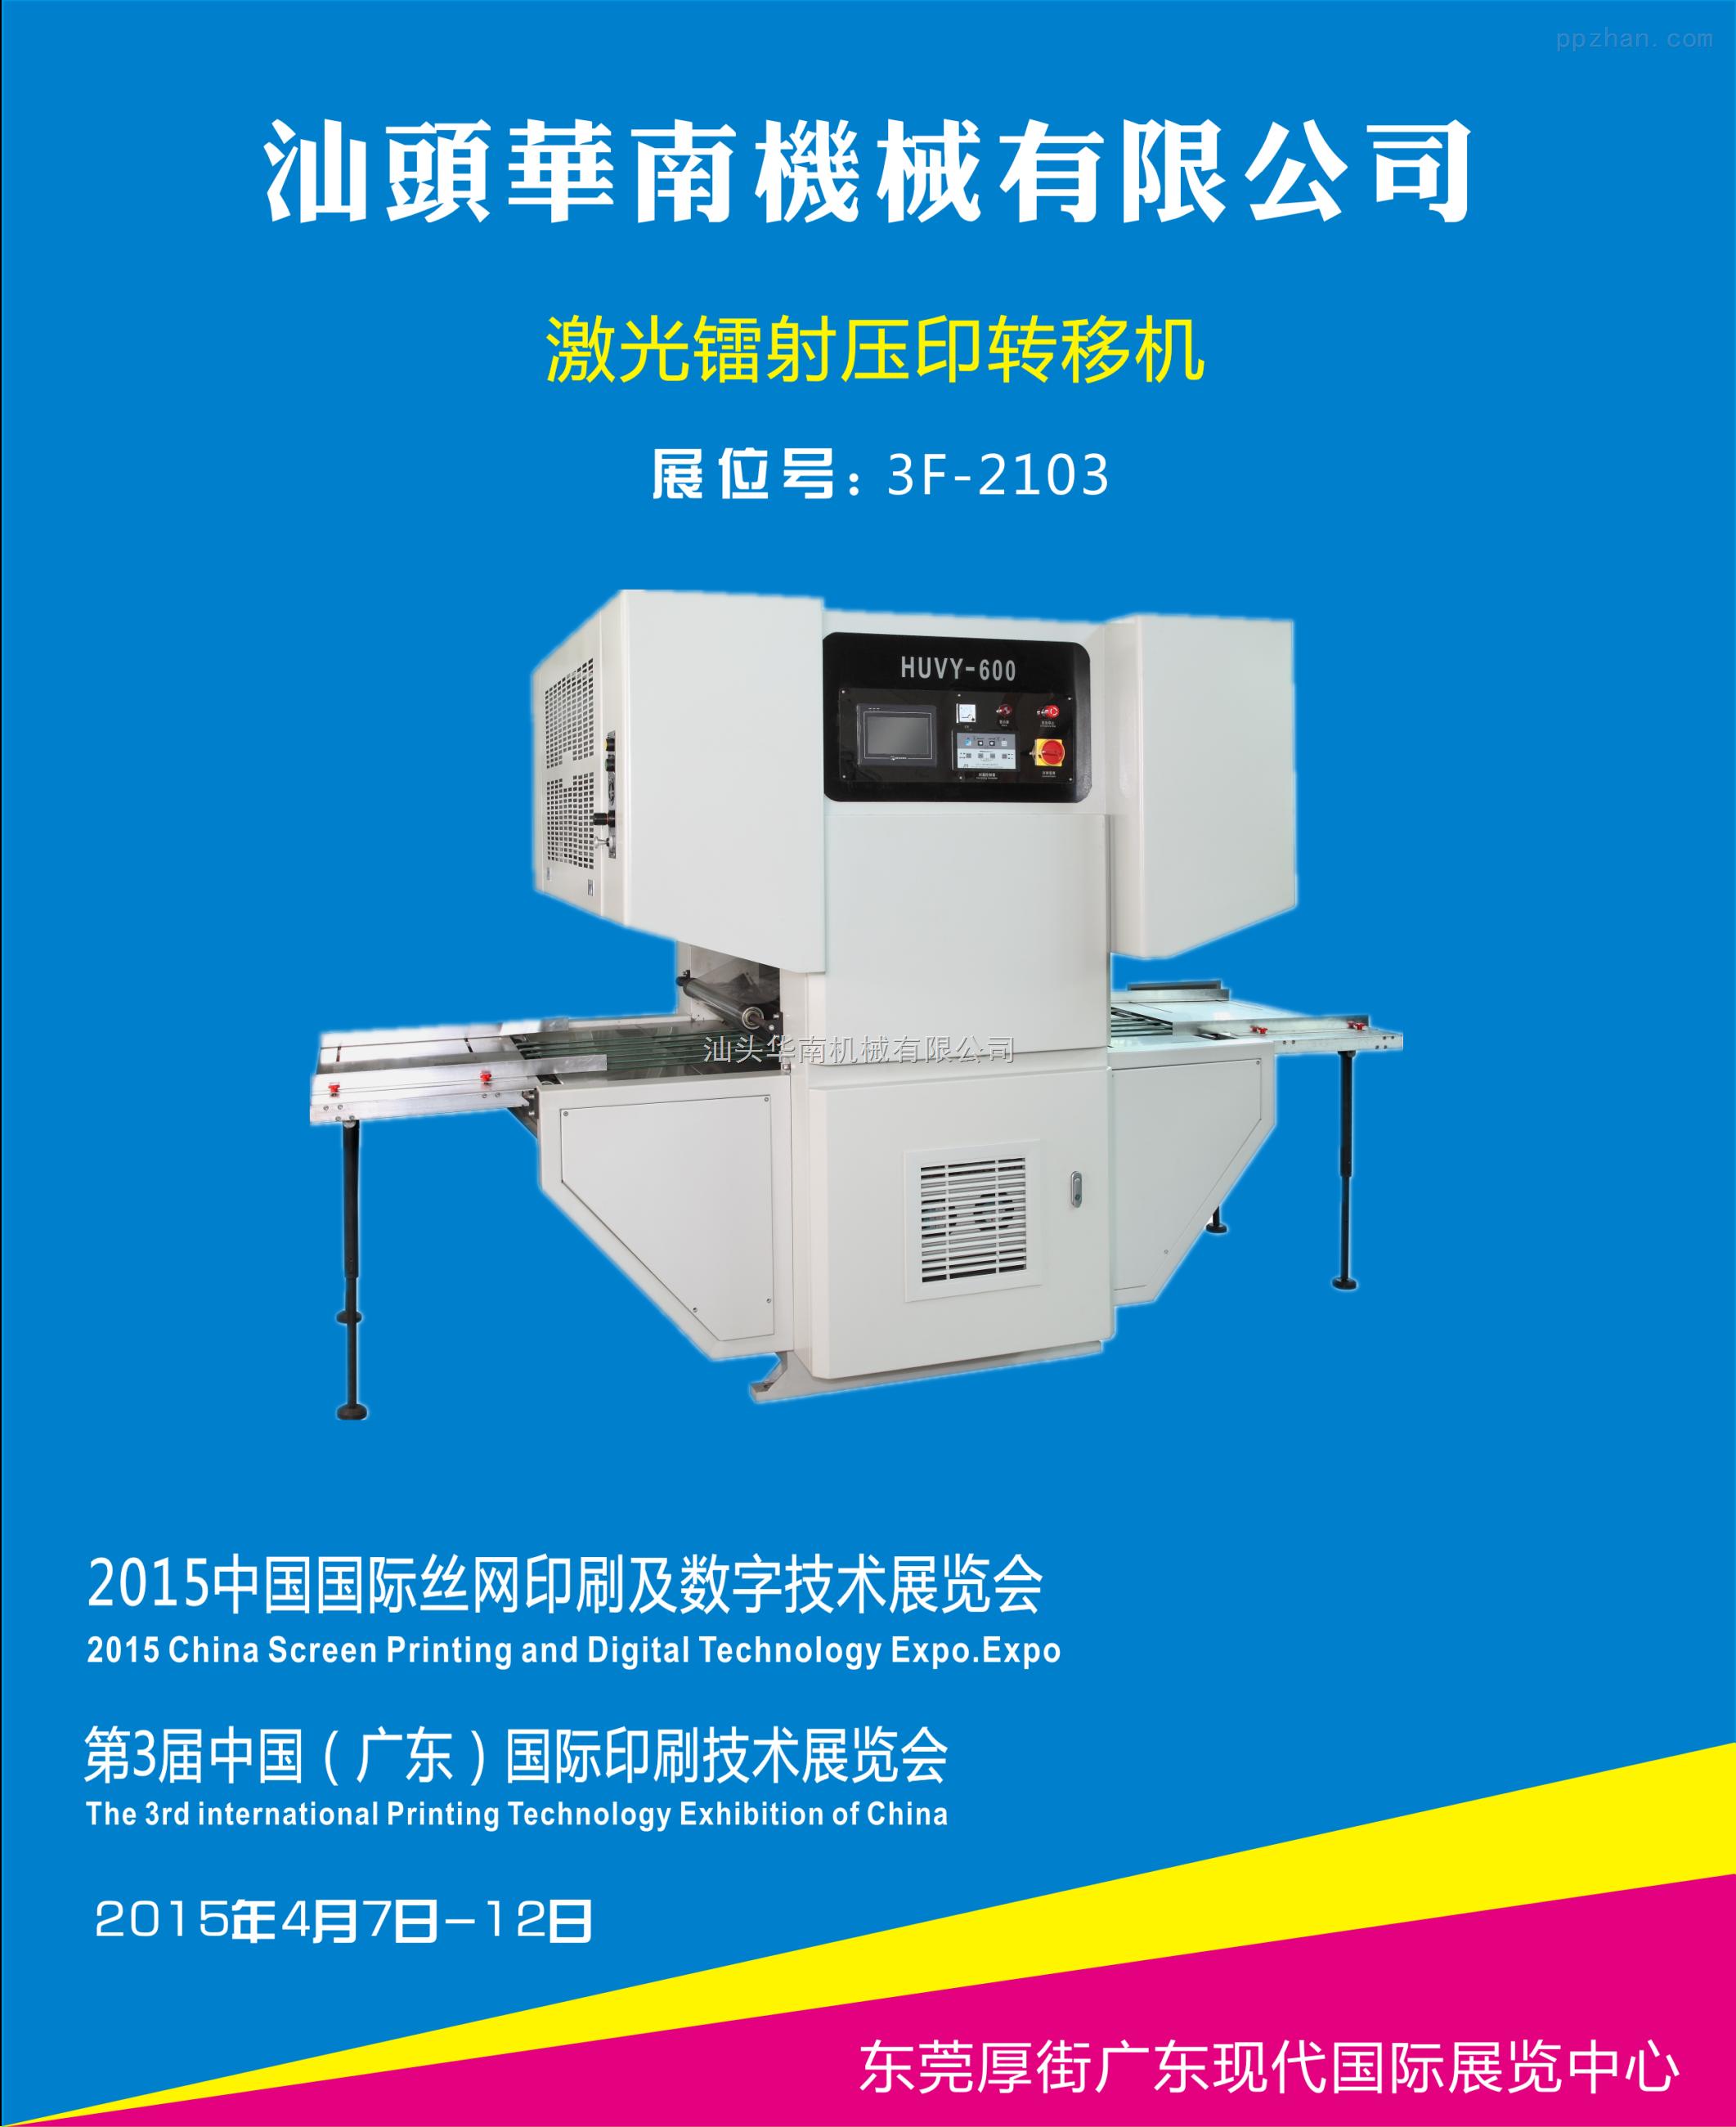 2015第32届中国国际网印展